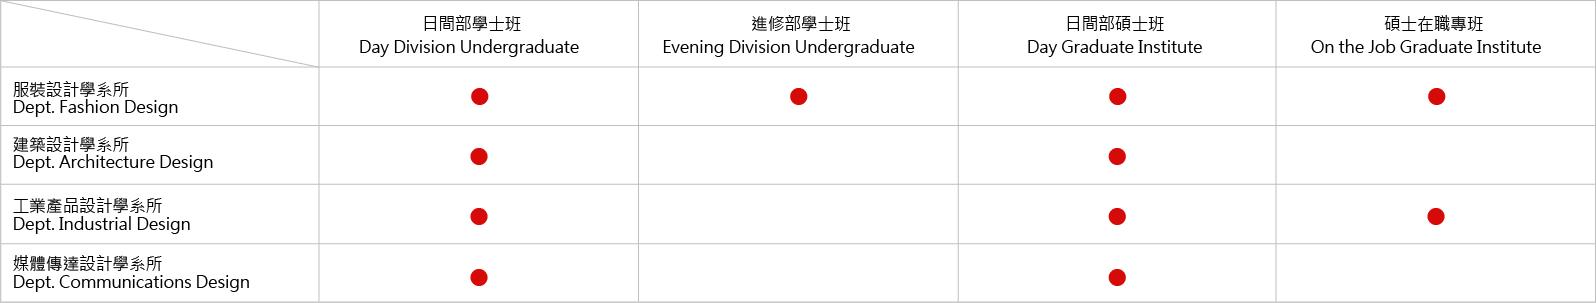 日間部學士班2